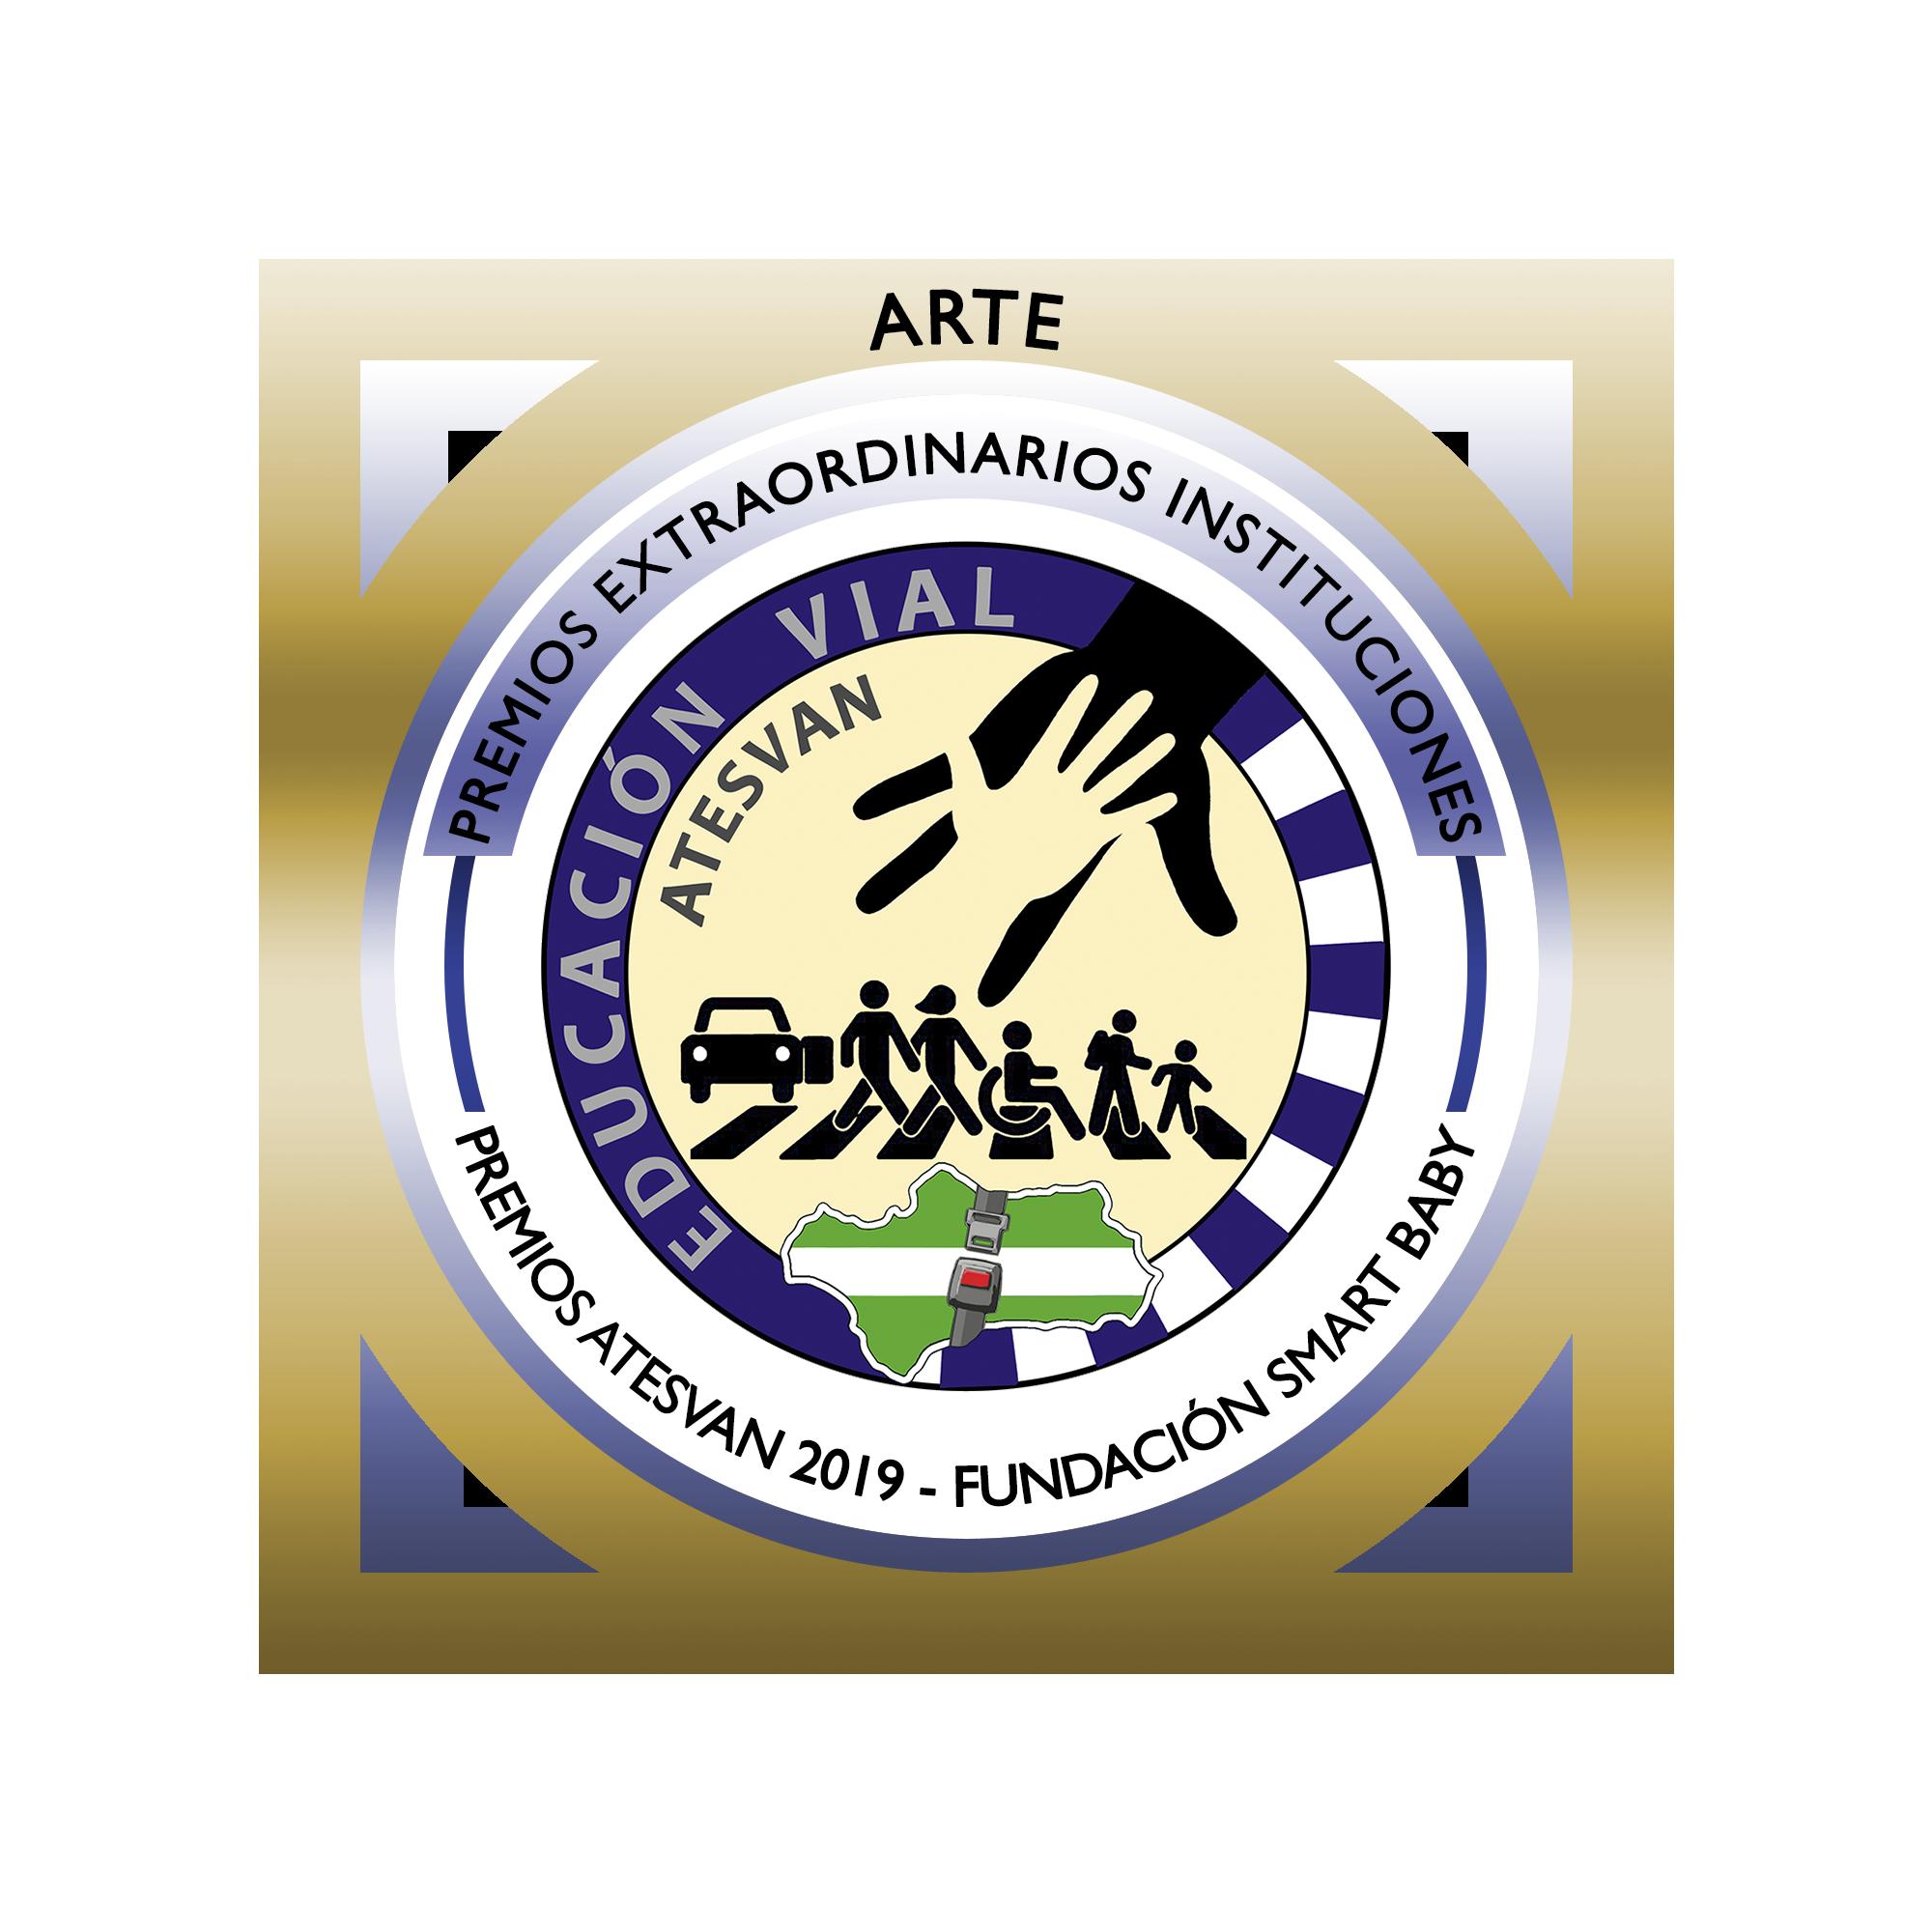 https://artemergencia.es/wp-content/uploads/2019/02/PremiosExtInstARTE.png